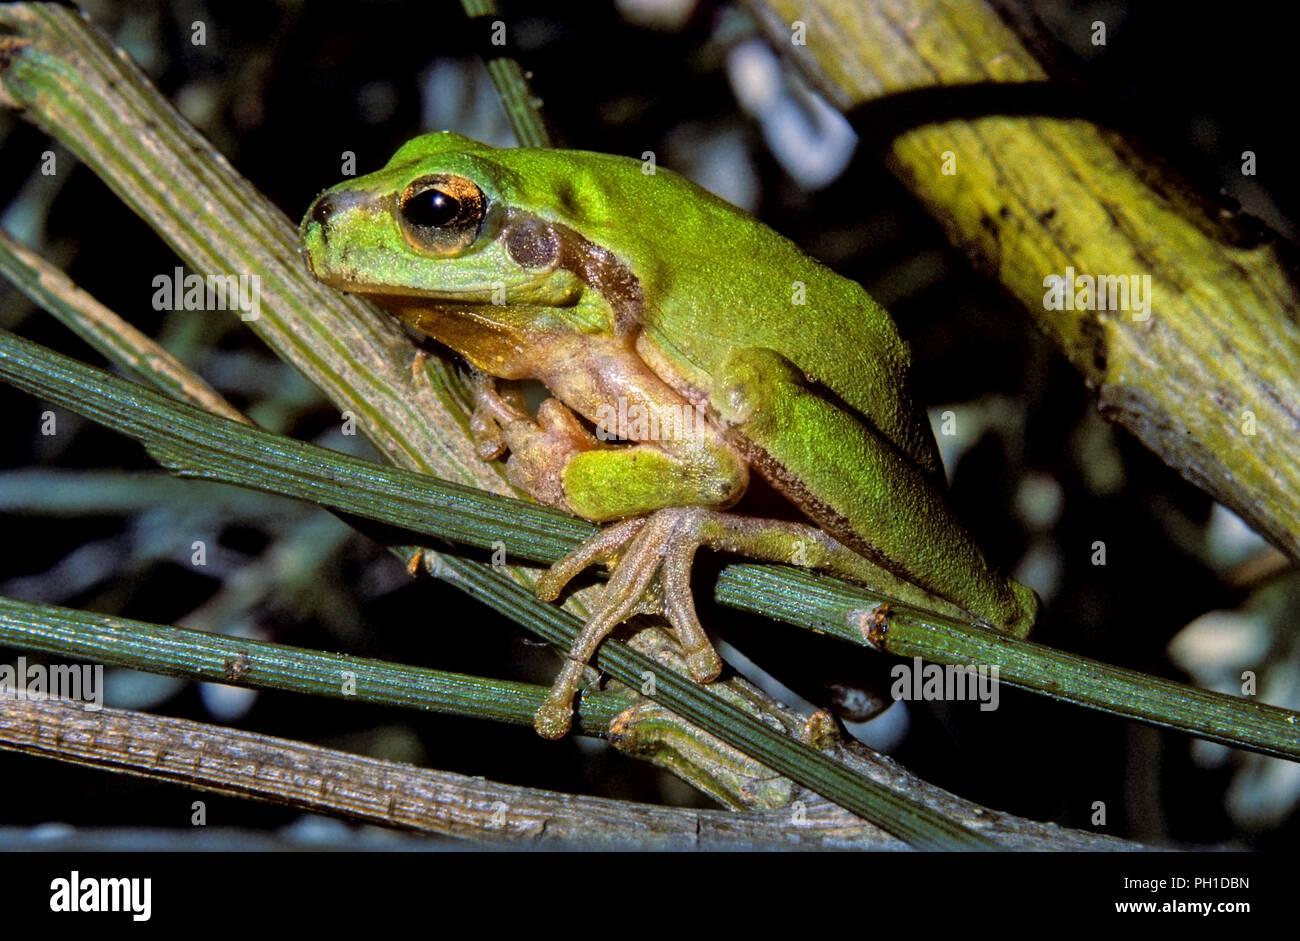 Rainette méditerranéenne ou Stripeless tree frog (Hyla meridionalis). Le sud de l'Espagne. L'Europe Photo Stock